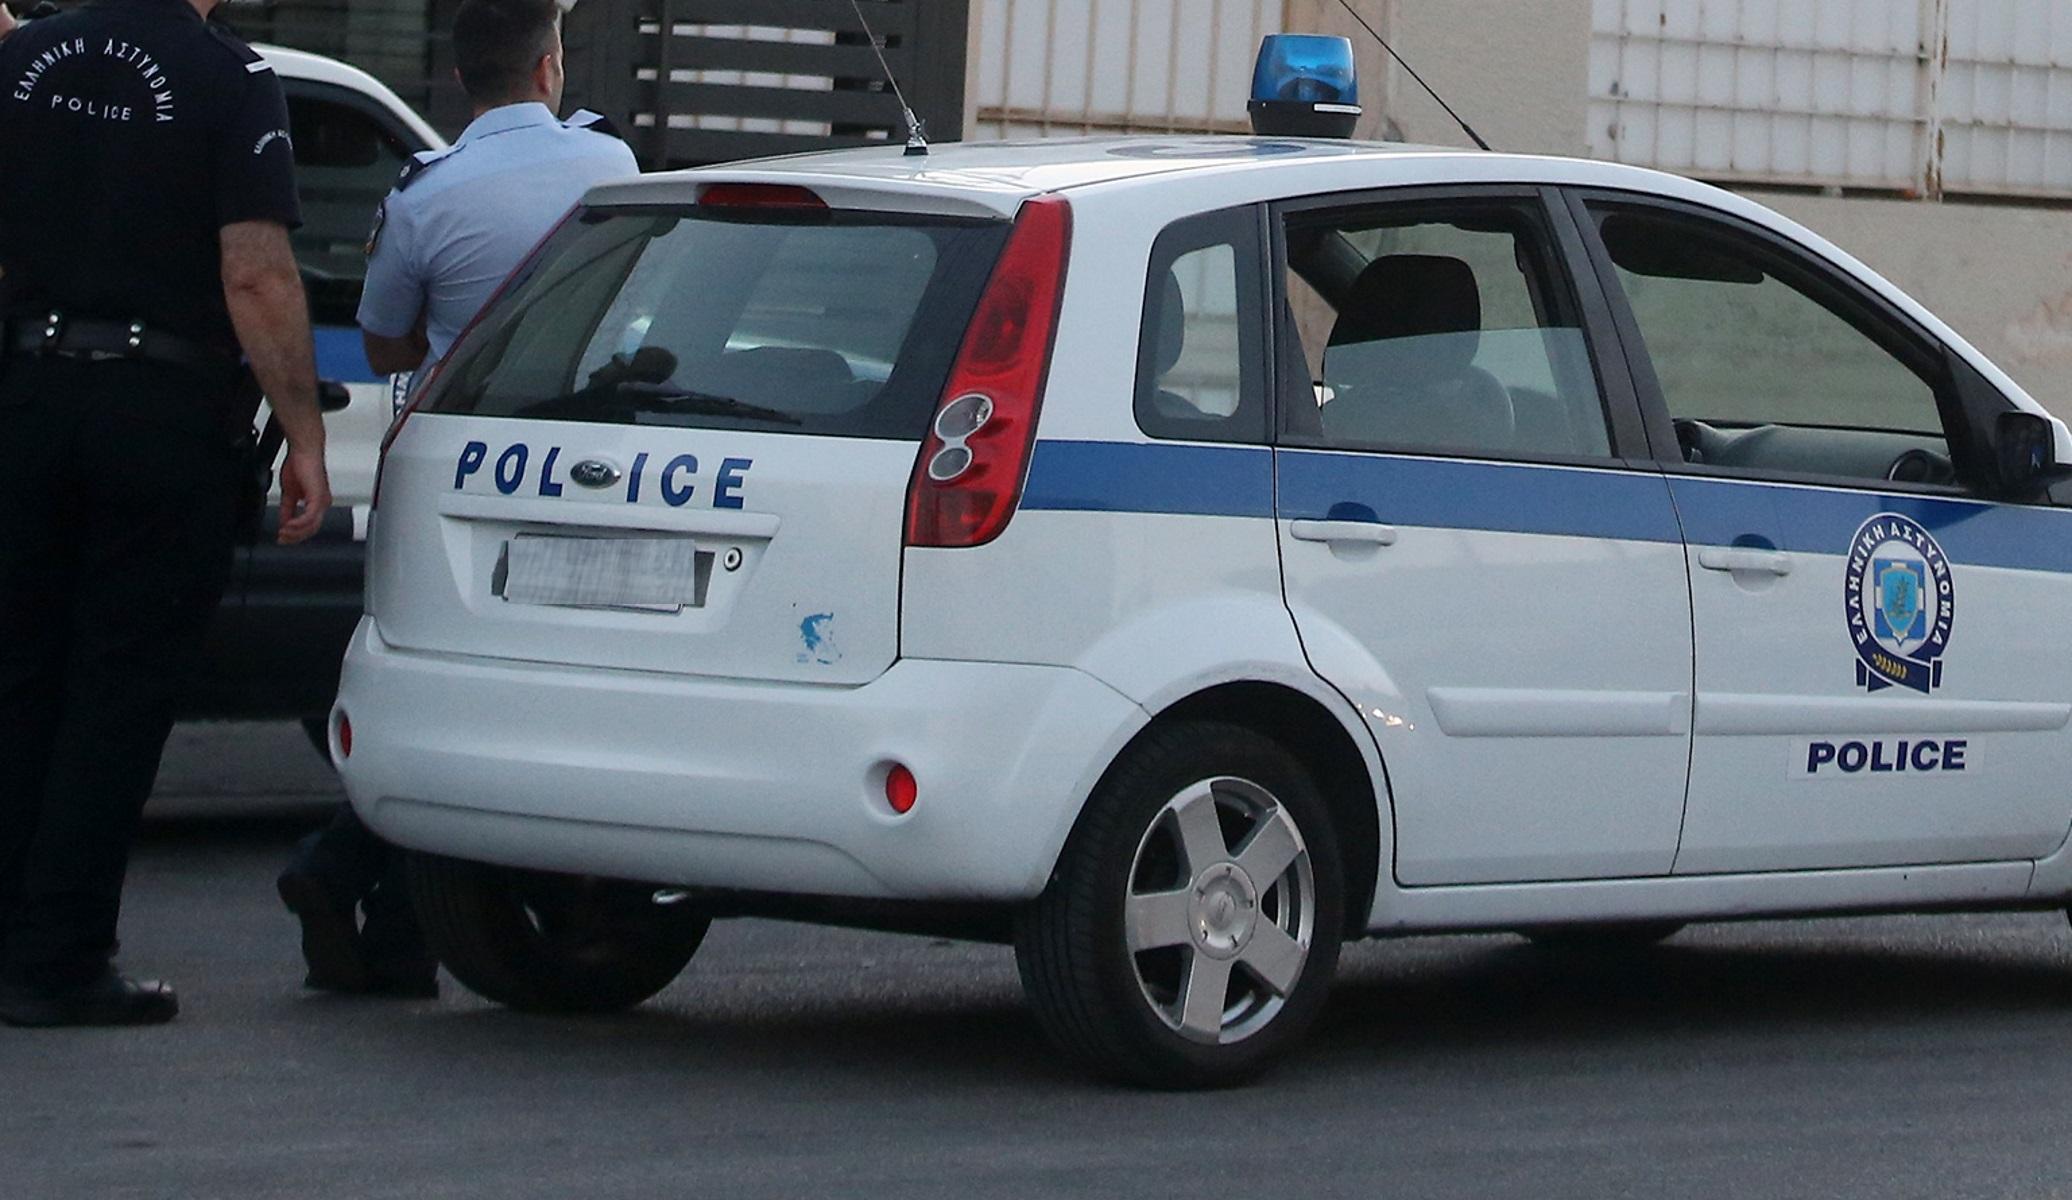 Πυροβολισμοί στην Πρέβεζα: Τρεις άνδρες στο νοσοκομείο